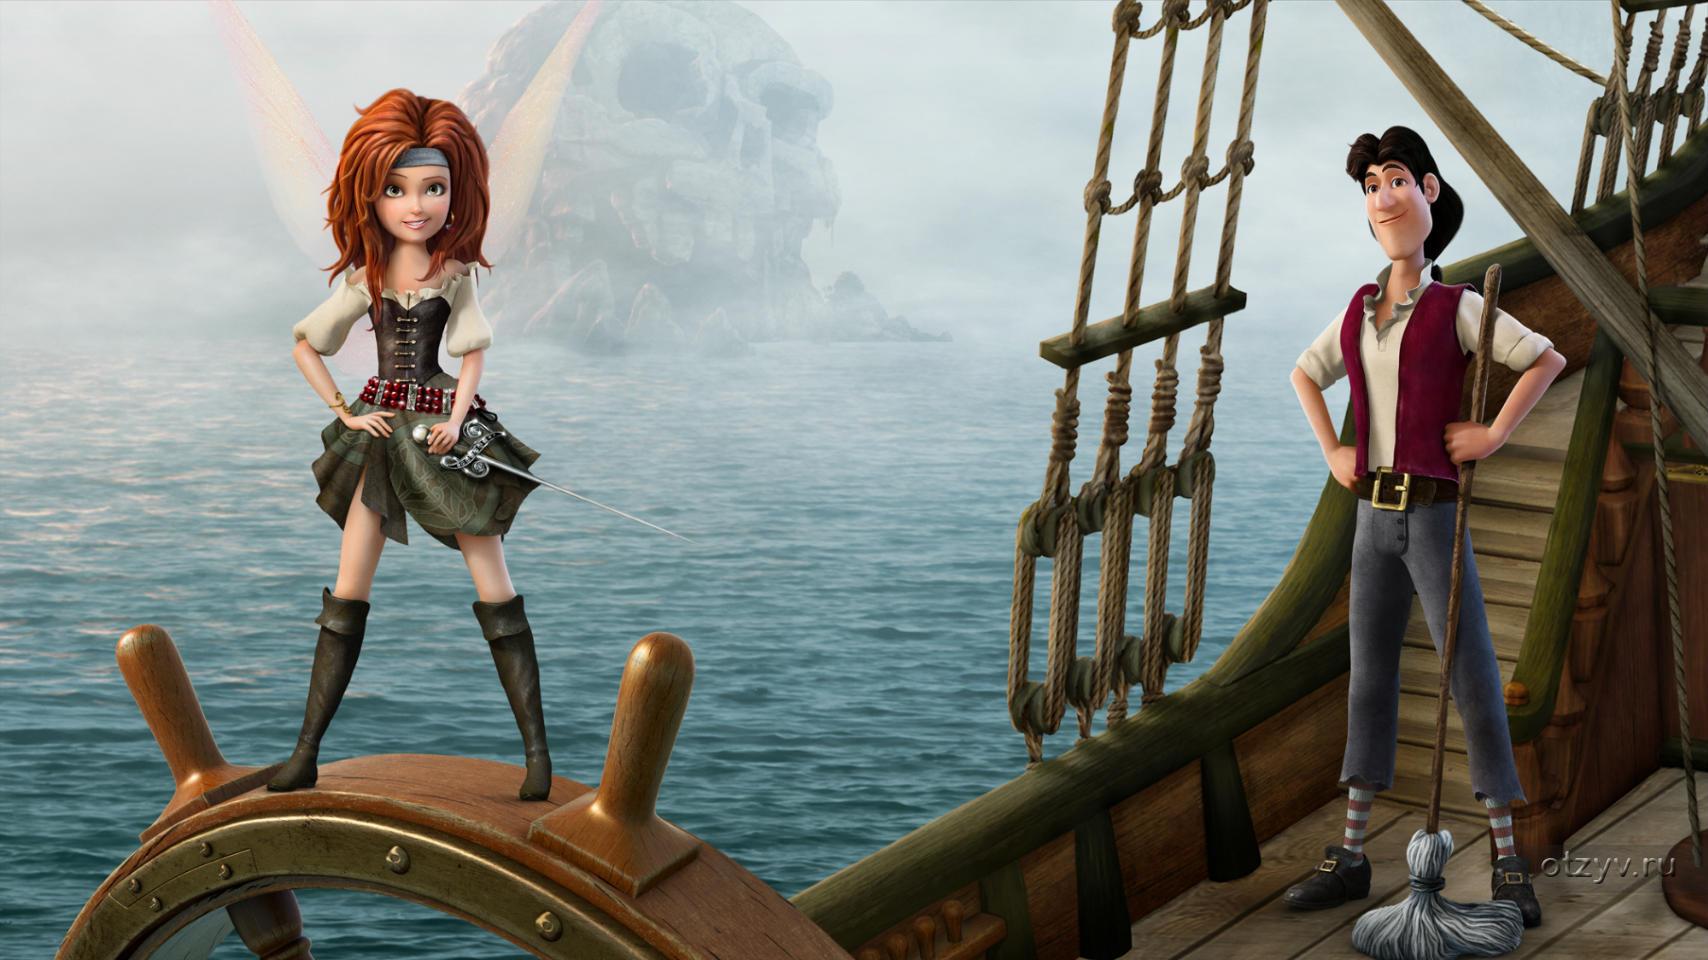 Феи: Загадка пиратского острова - КиноПоиск